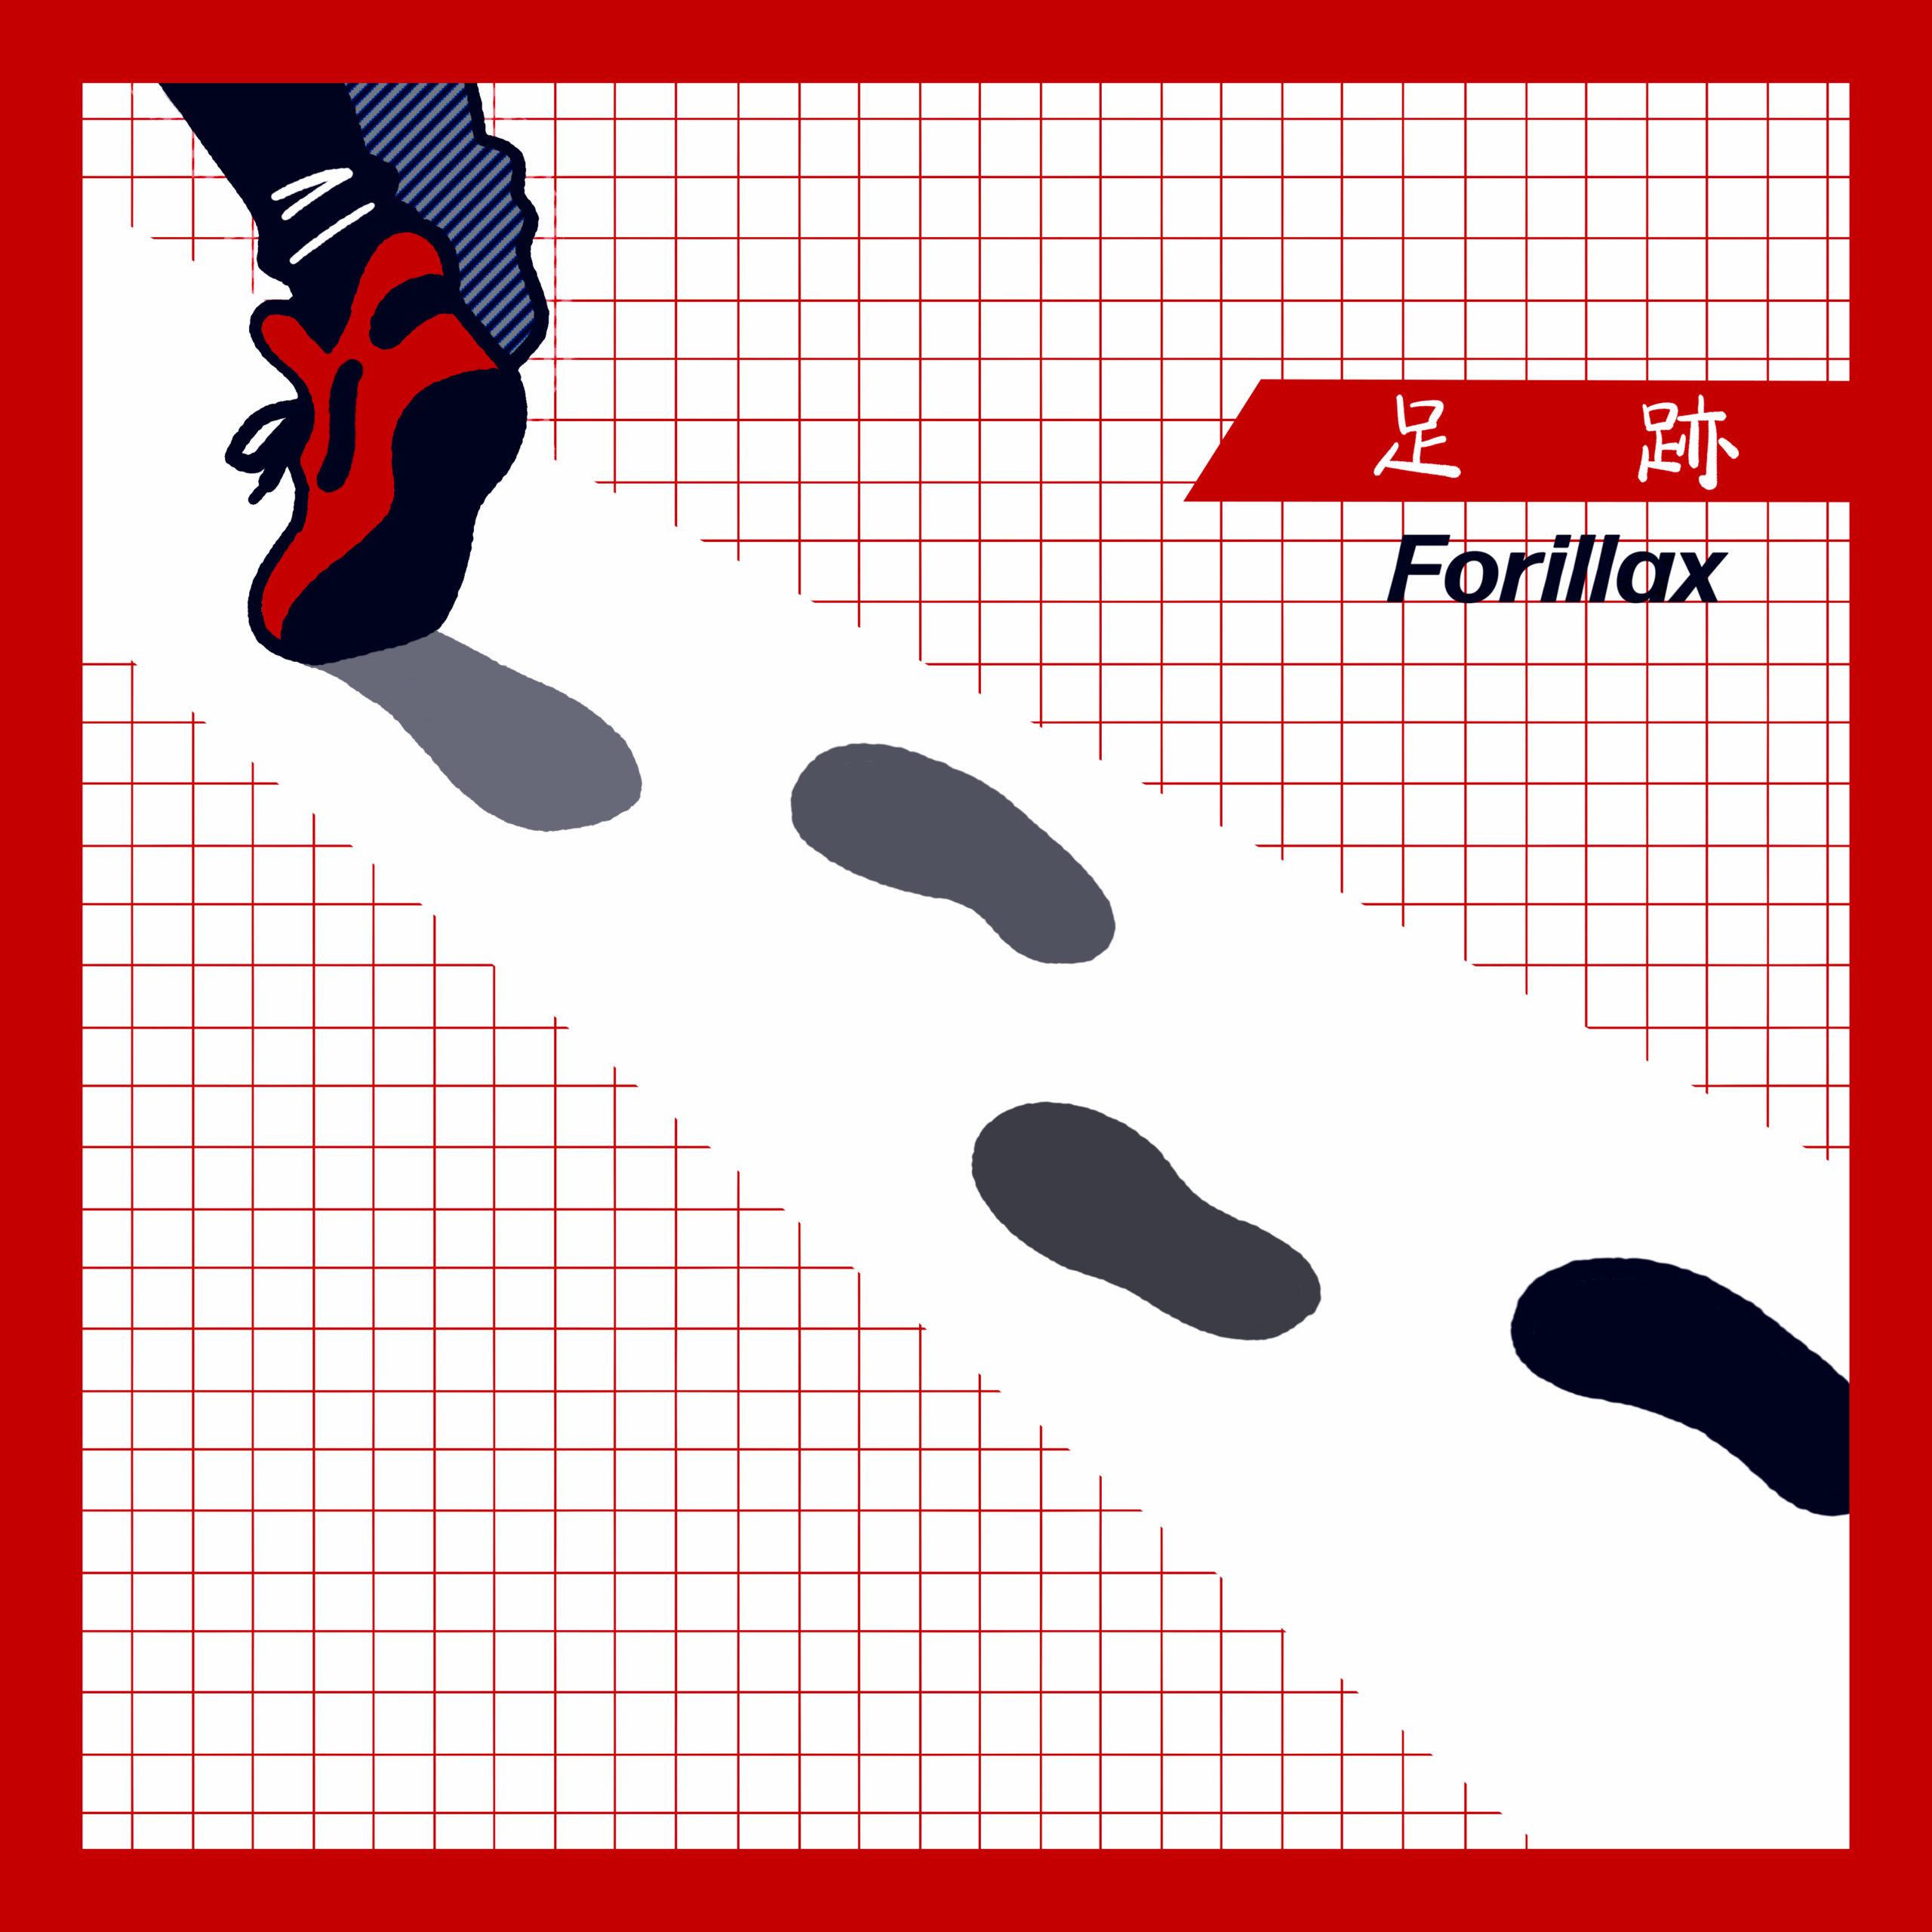 HIP-HOPアーティスト・Forillaxさんの楽曲「足跡」のカバーデザインを制作いたしました。こちらの曲はSoundCloud、YouTubeにて配信中です。